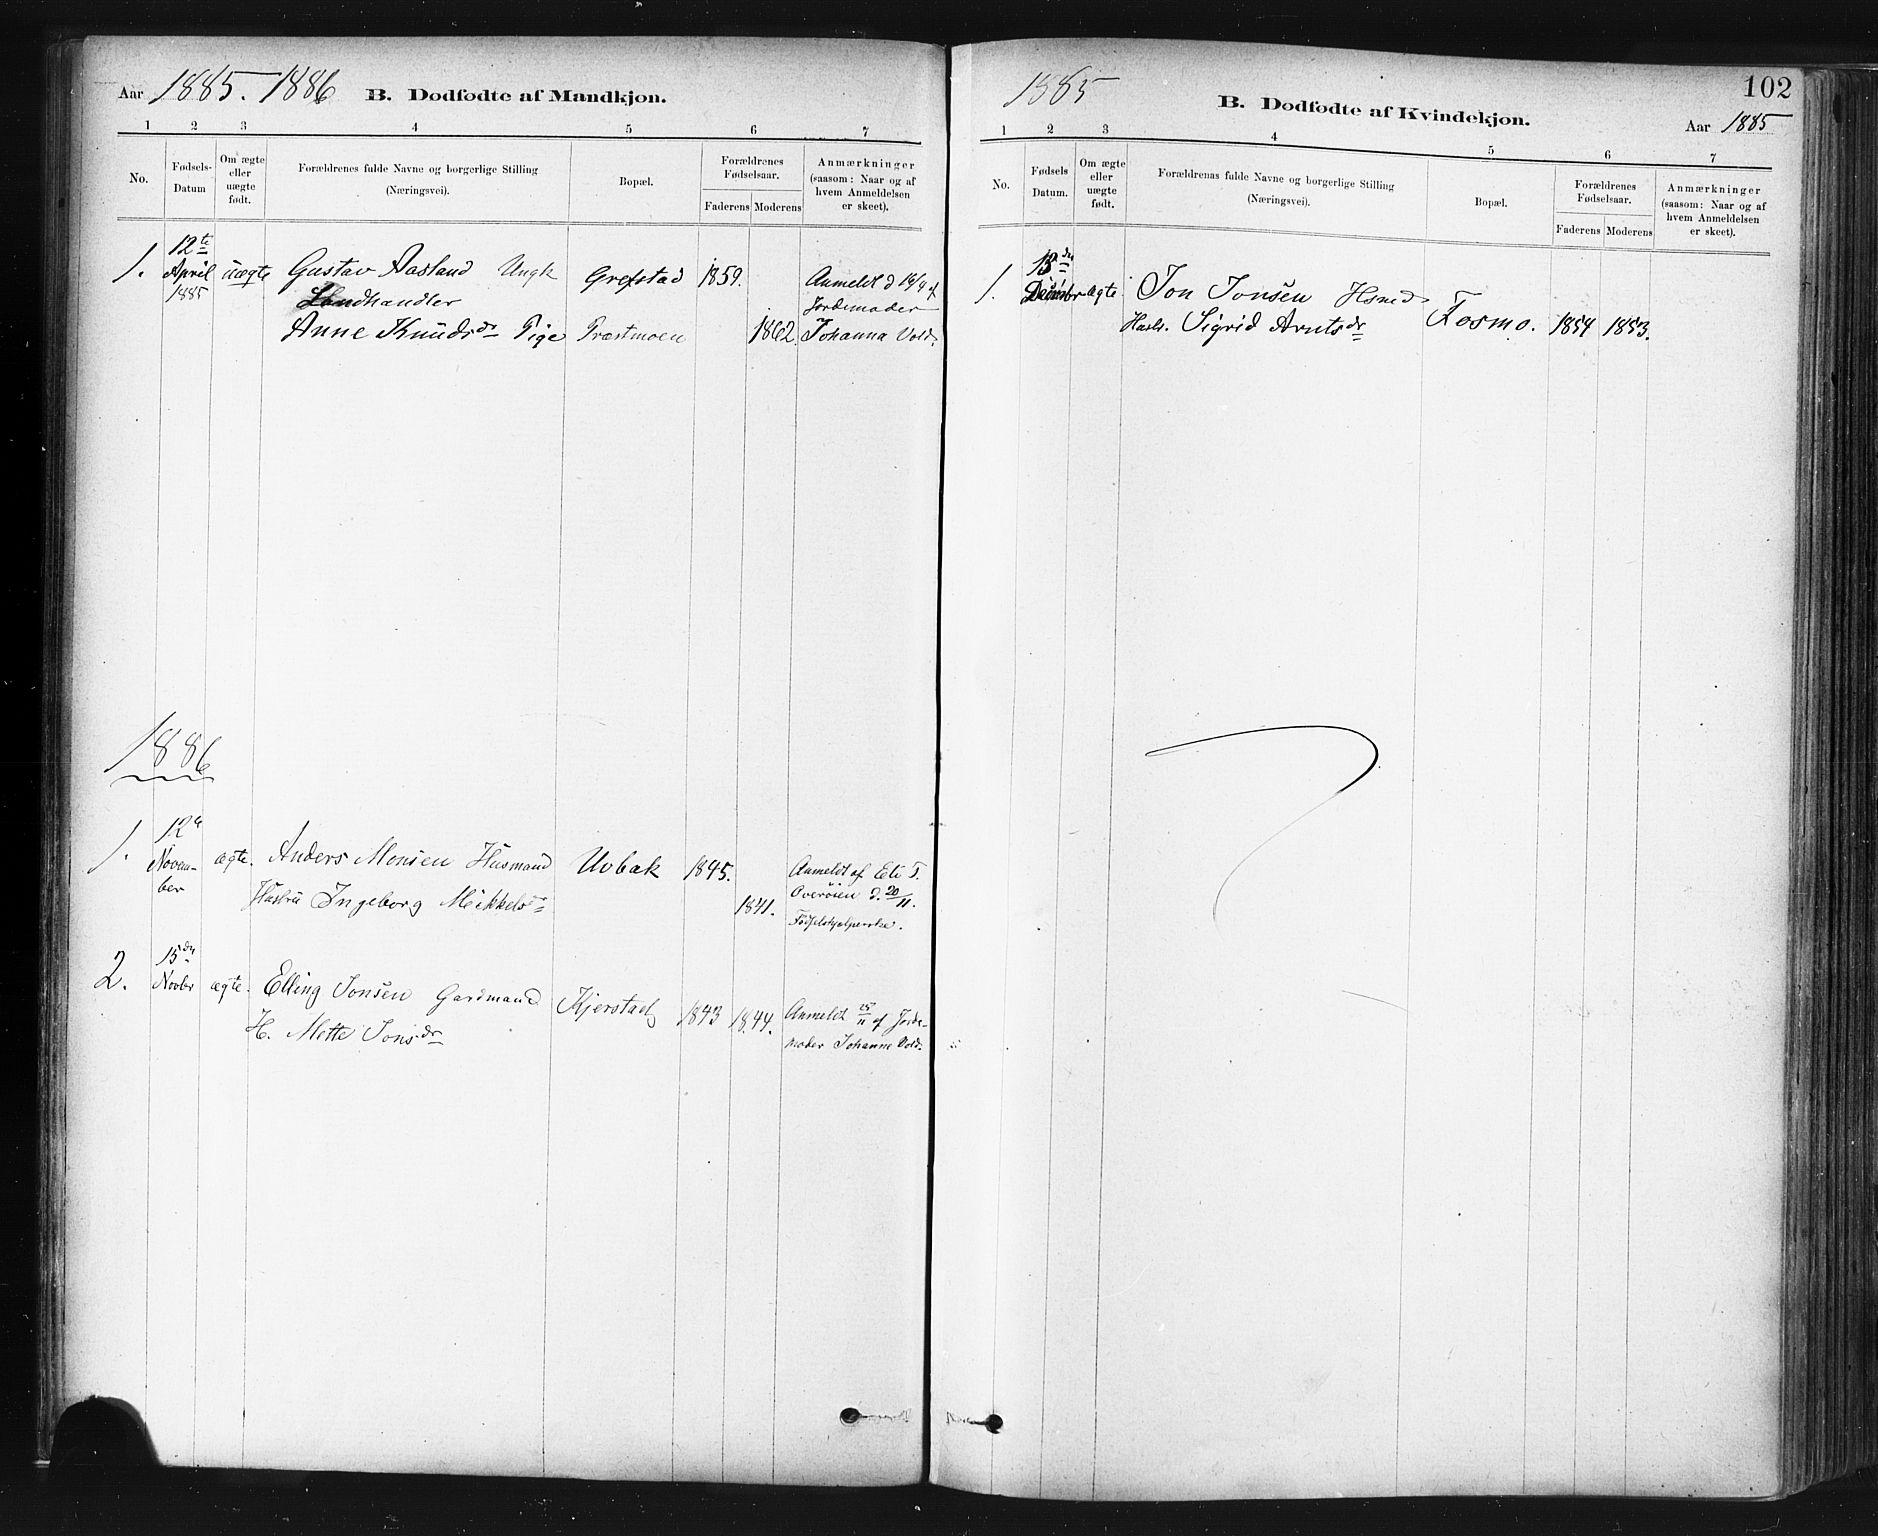 SAT, Ministerialprotokoller, klokkerbøker og fødselsregistre - Sør-Trøndelag, 672/L0857: Ministerialbok nr. 672A09, 1882-1893, s. 102